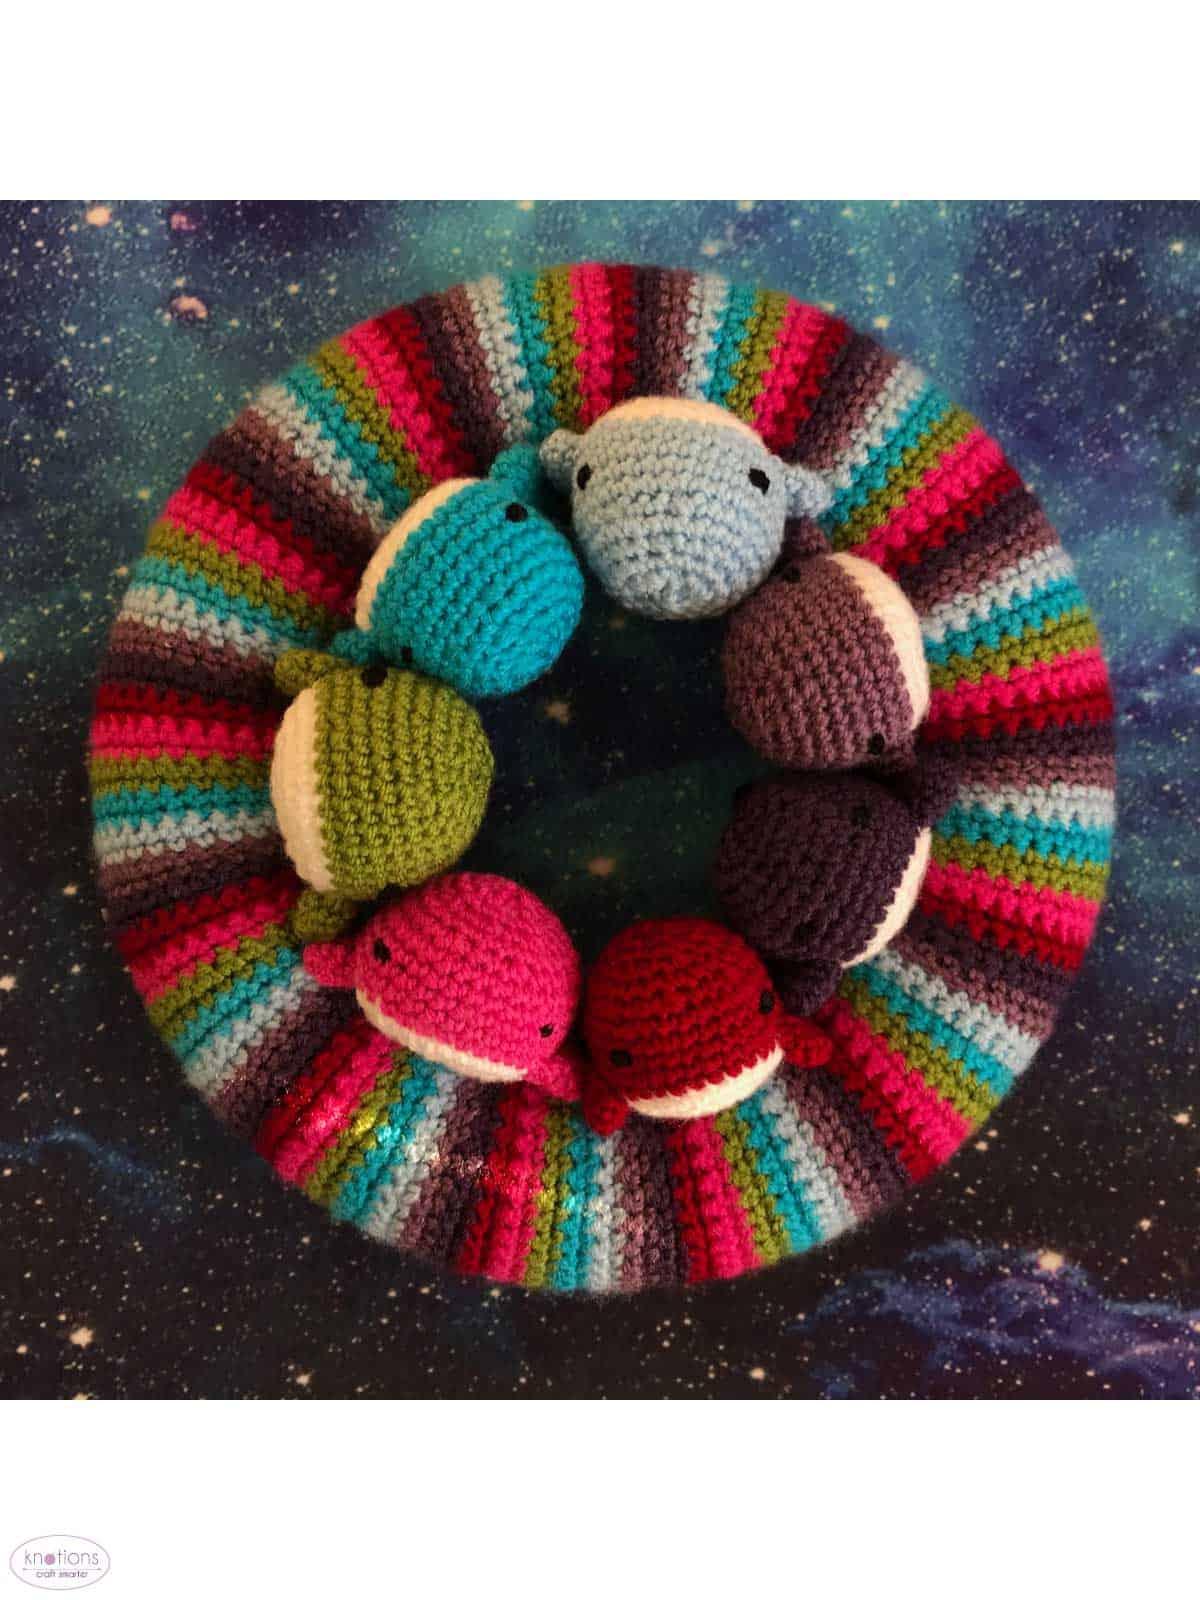 Whale Amigurumi Free Crochet Pattern • Spin a Yarn Crochet | 1600x1200